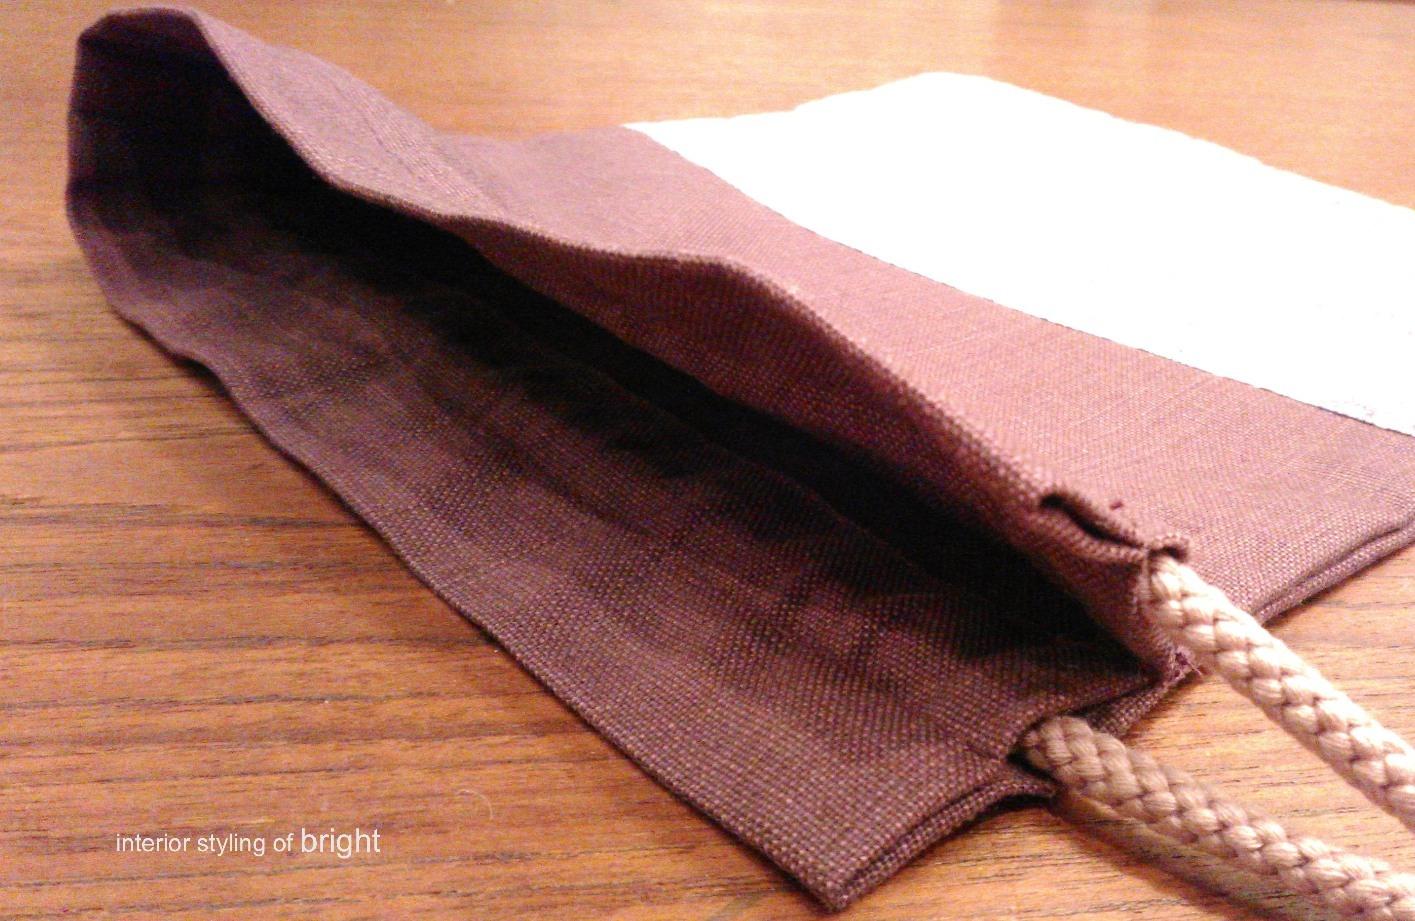 巾着の製作 ウィリアムモリス正規販売店のブライト_c0157866_17315354.jpg